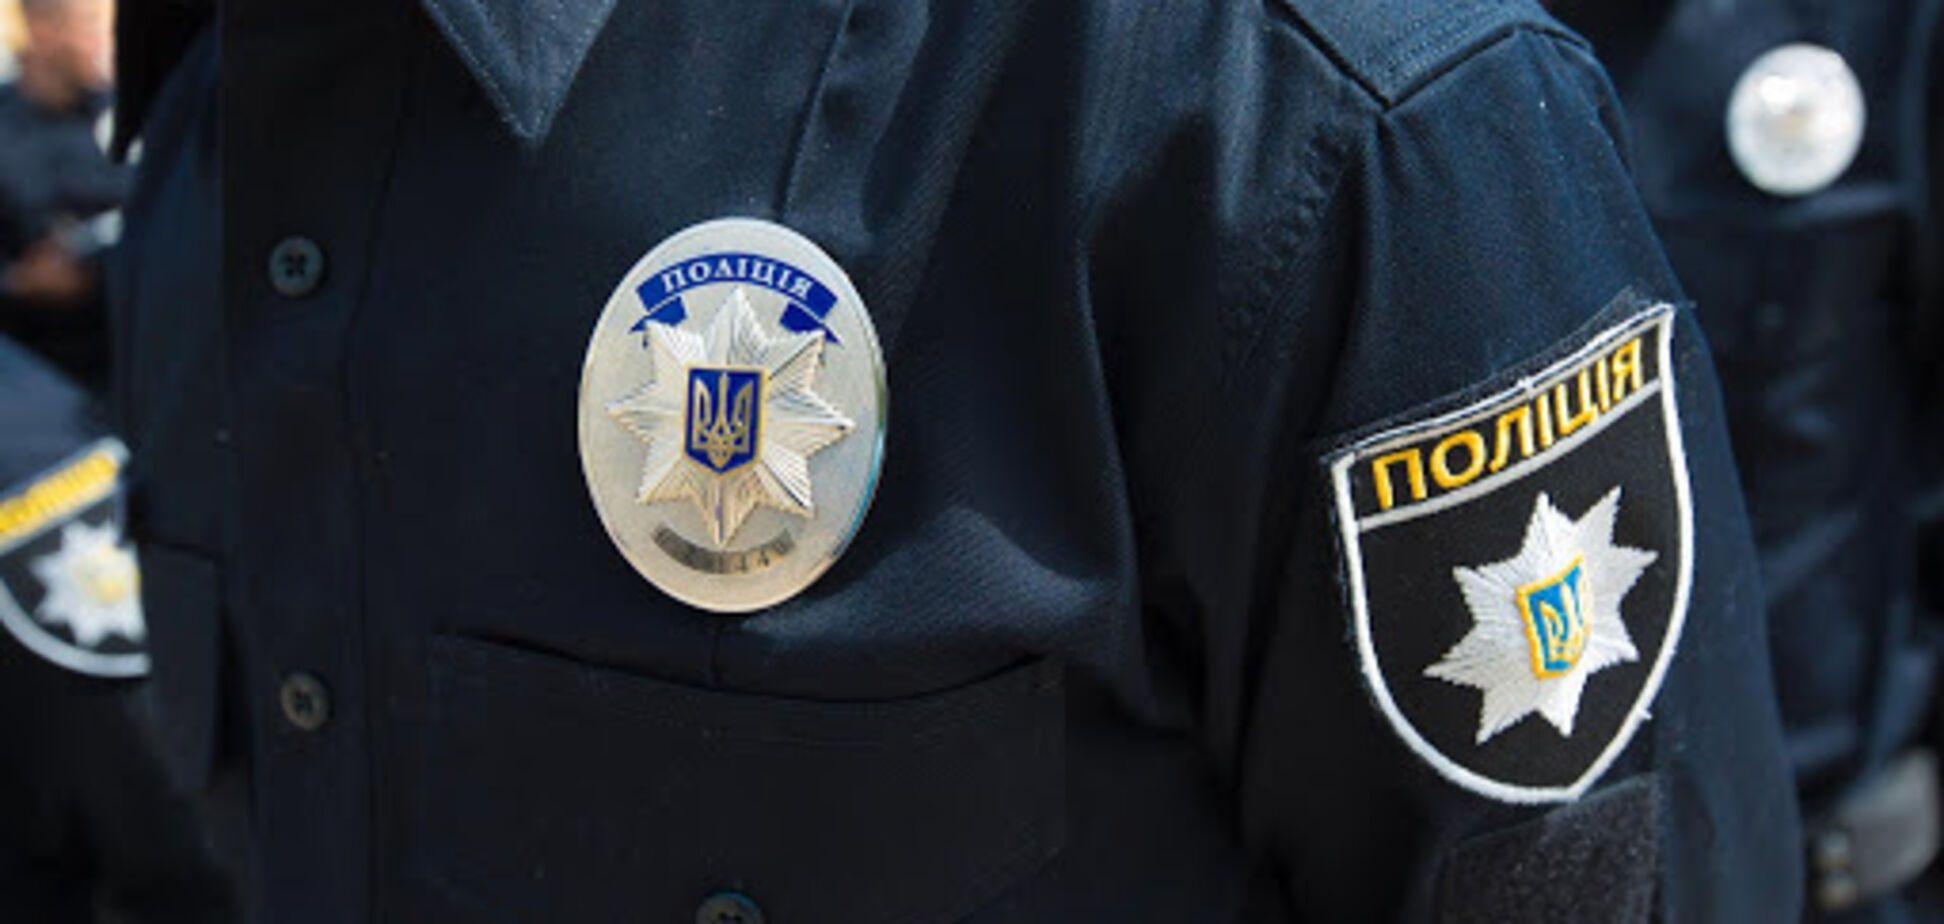 На Дніпропетровщині розшукують 21-річного хлопця. Фото та прикмети